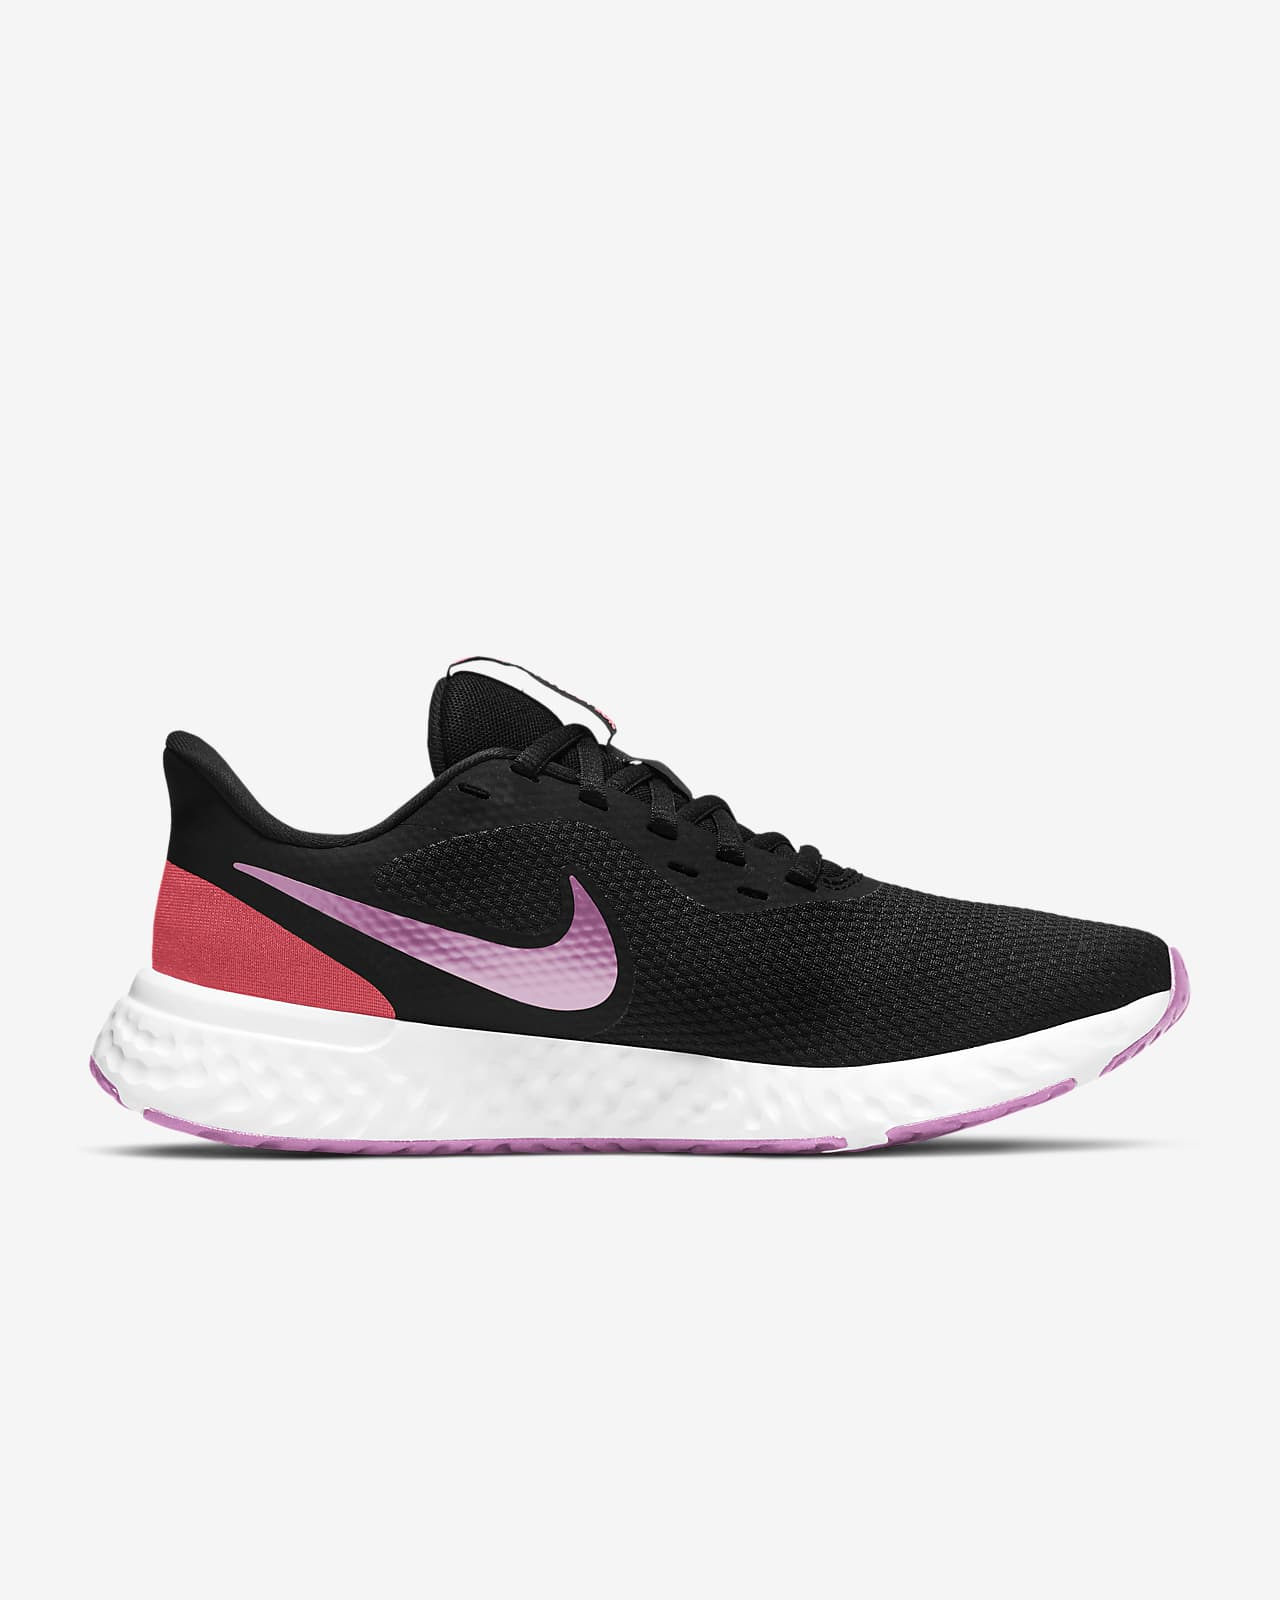 nike 5 revolution zapatillas atletismo mujer